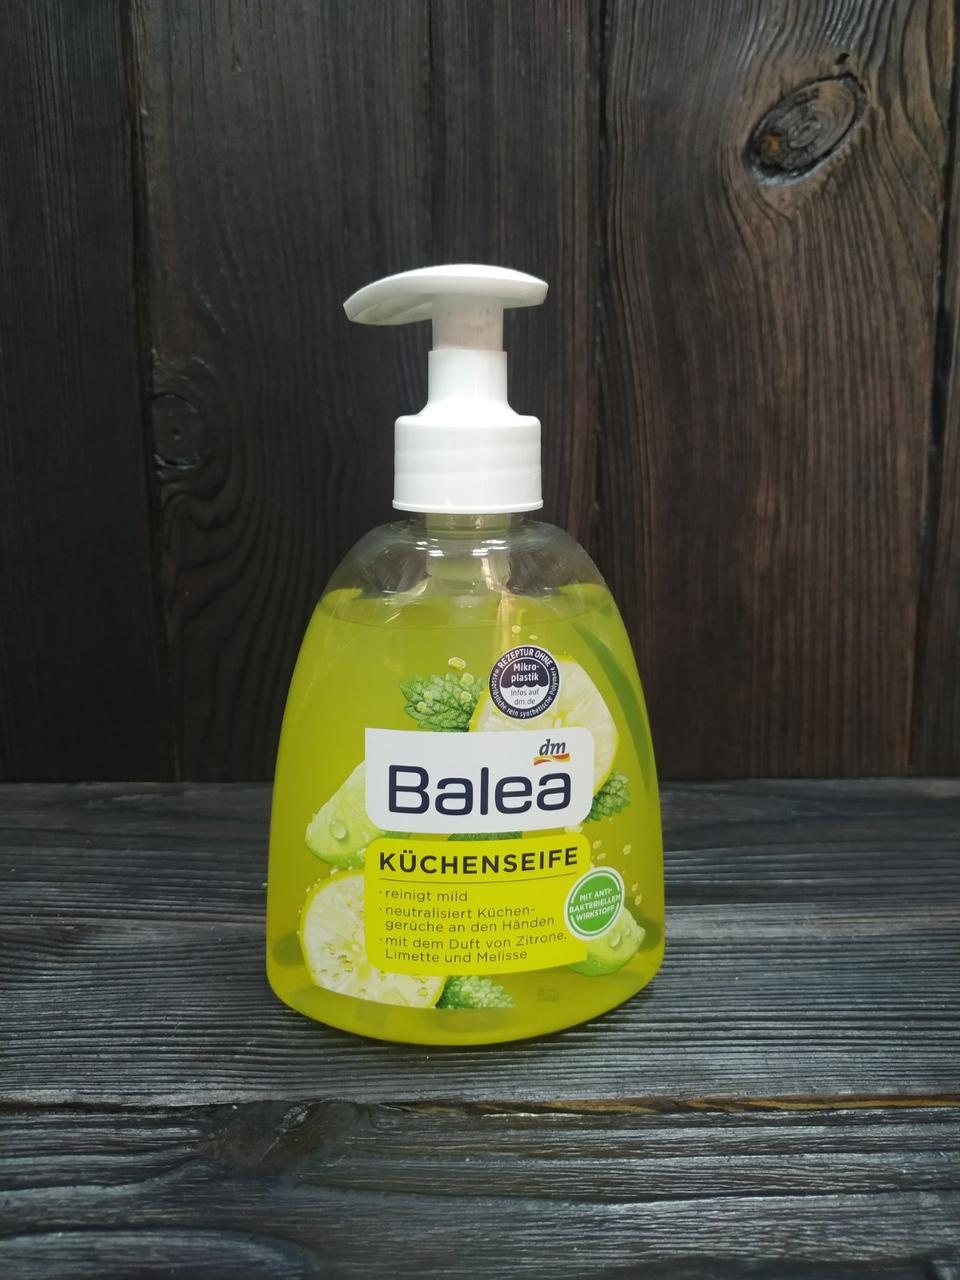 Balea Жидкое мыло кухонное - лимон, лайм и мелисса, 300 мл